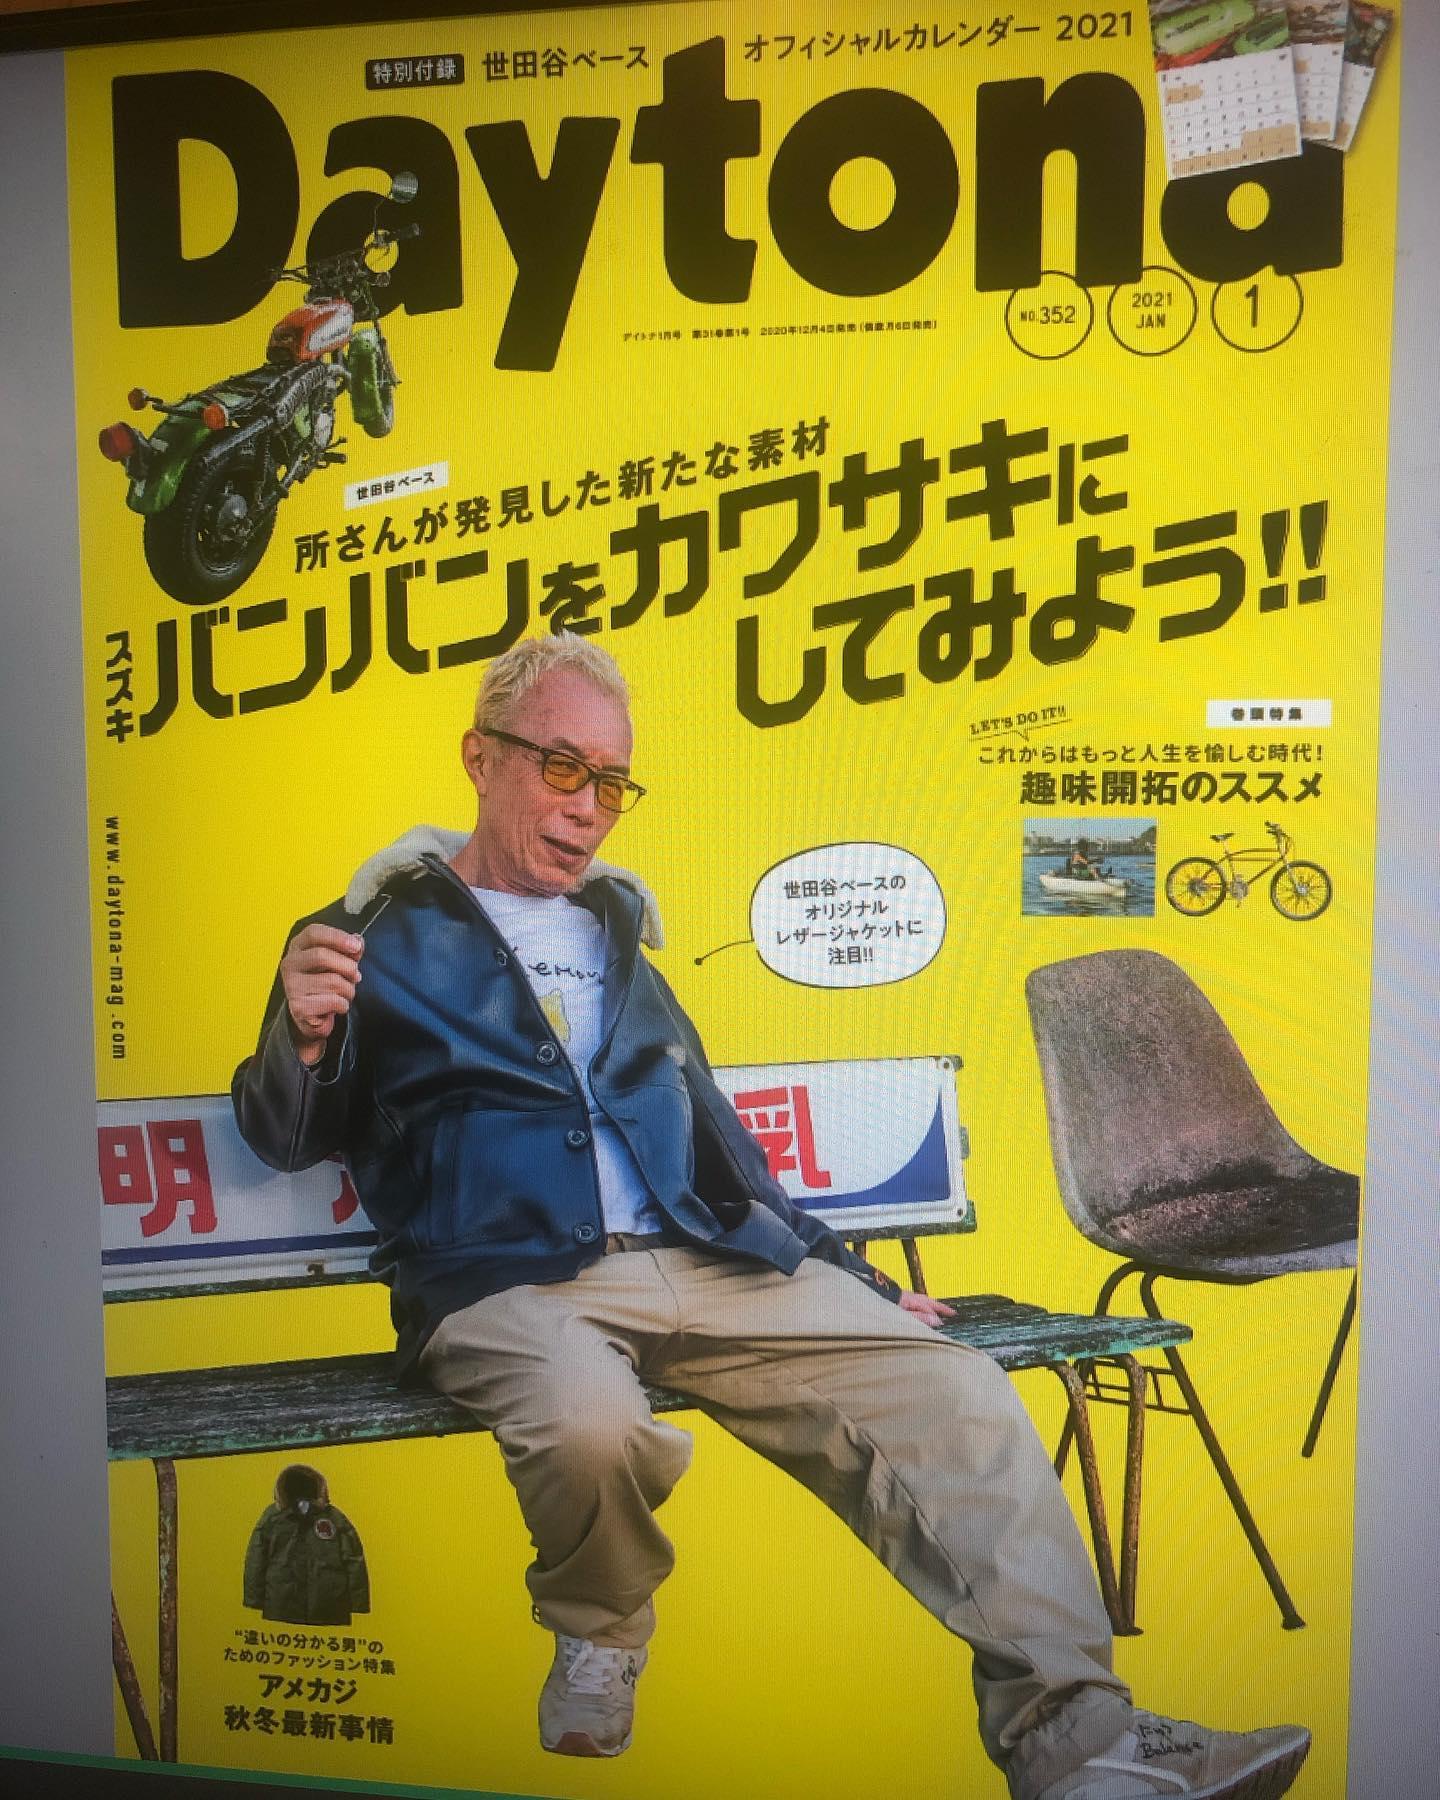 Daytona 1月号 発売でございます️連載6年目にして外装塗装しました️#daytona #daytonamagazine #mazda #ポーターバン #鈑金塗装 #千葉 #千葉北 #dmc